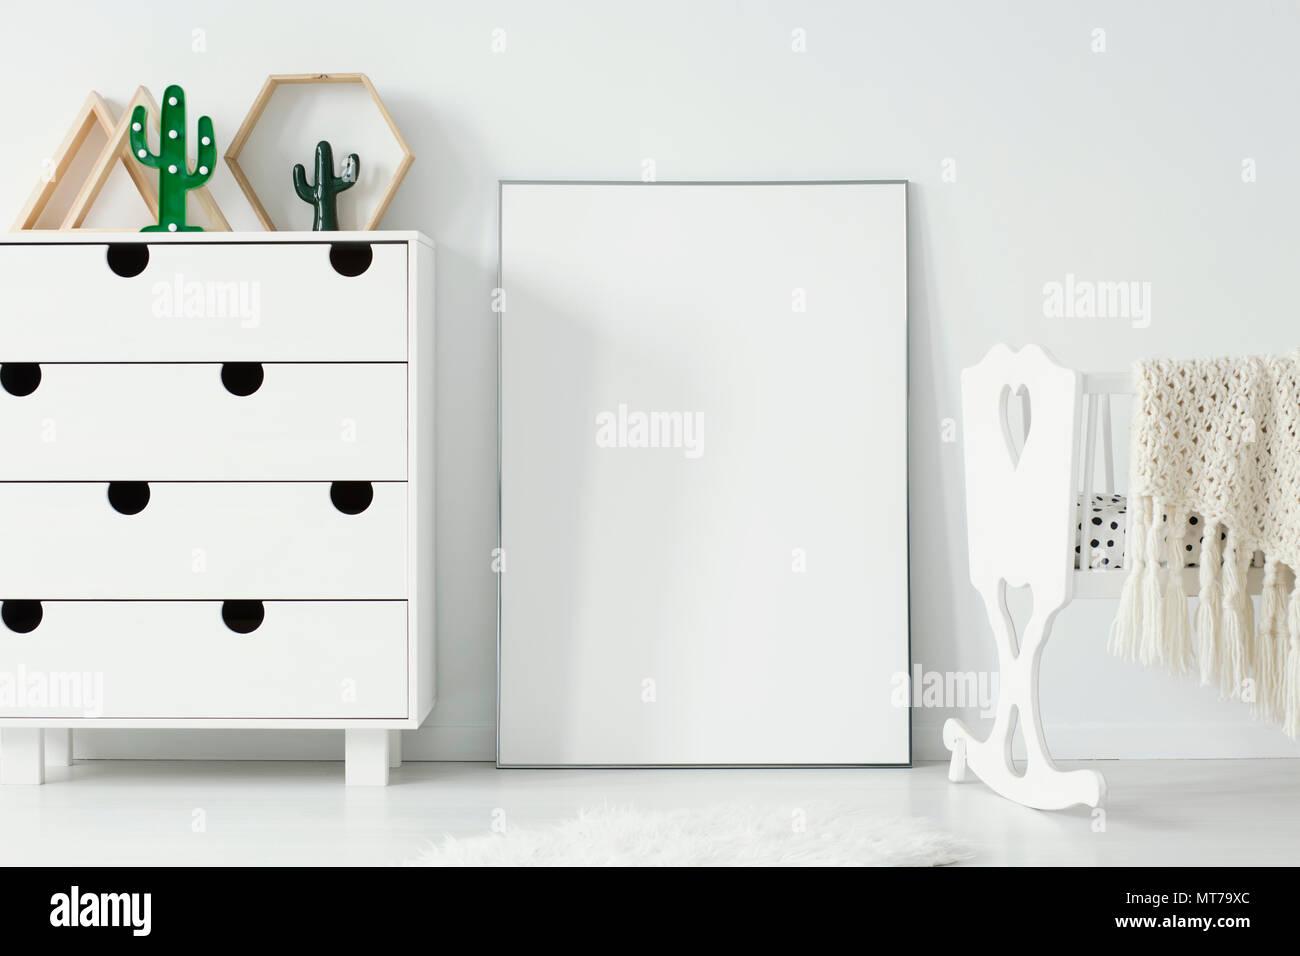 Affiche blanche vide avec immersive entre le meuble et le berceau dans la chambre de bébé l'intérieur. Photo réelle. Placez votre design graphique ici Banque D'Images